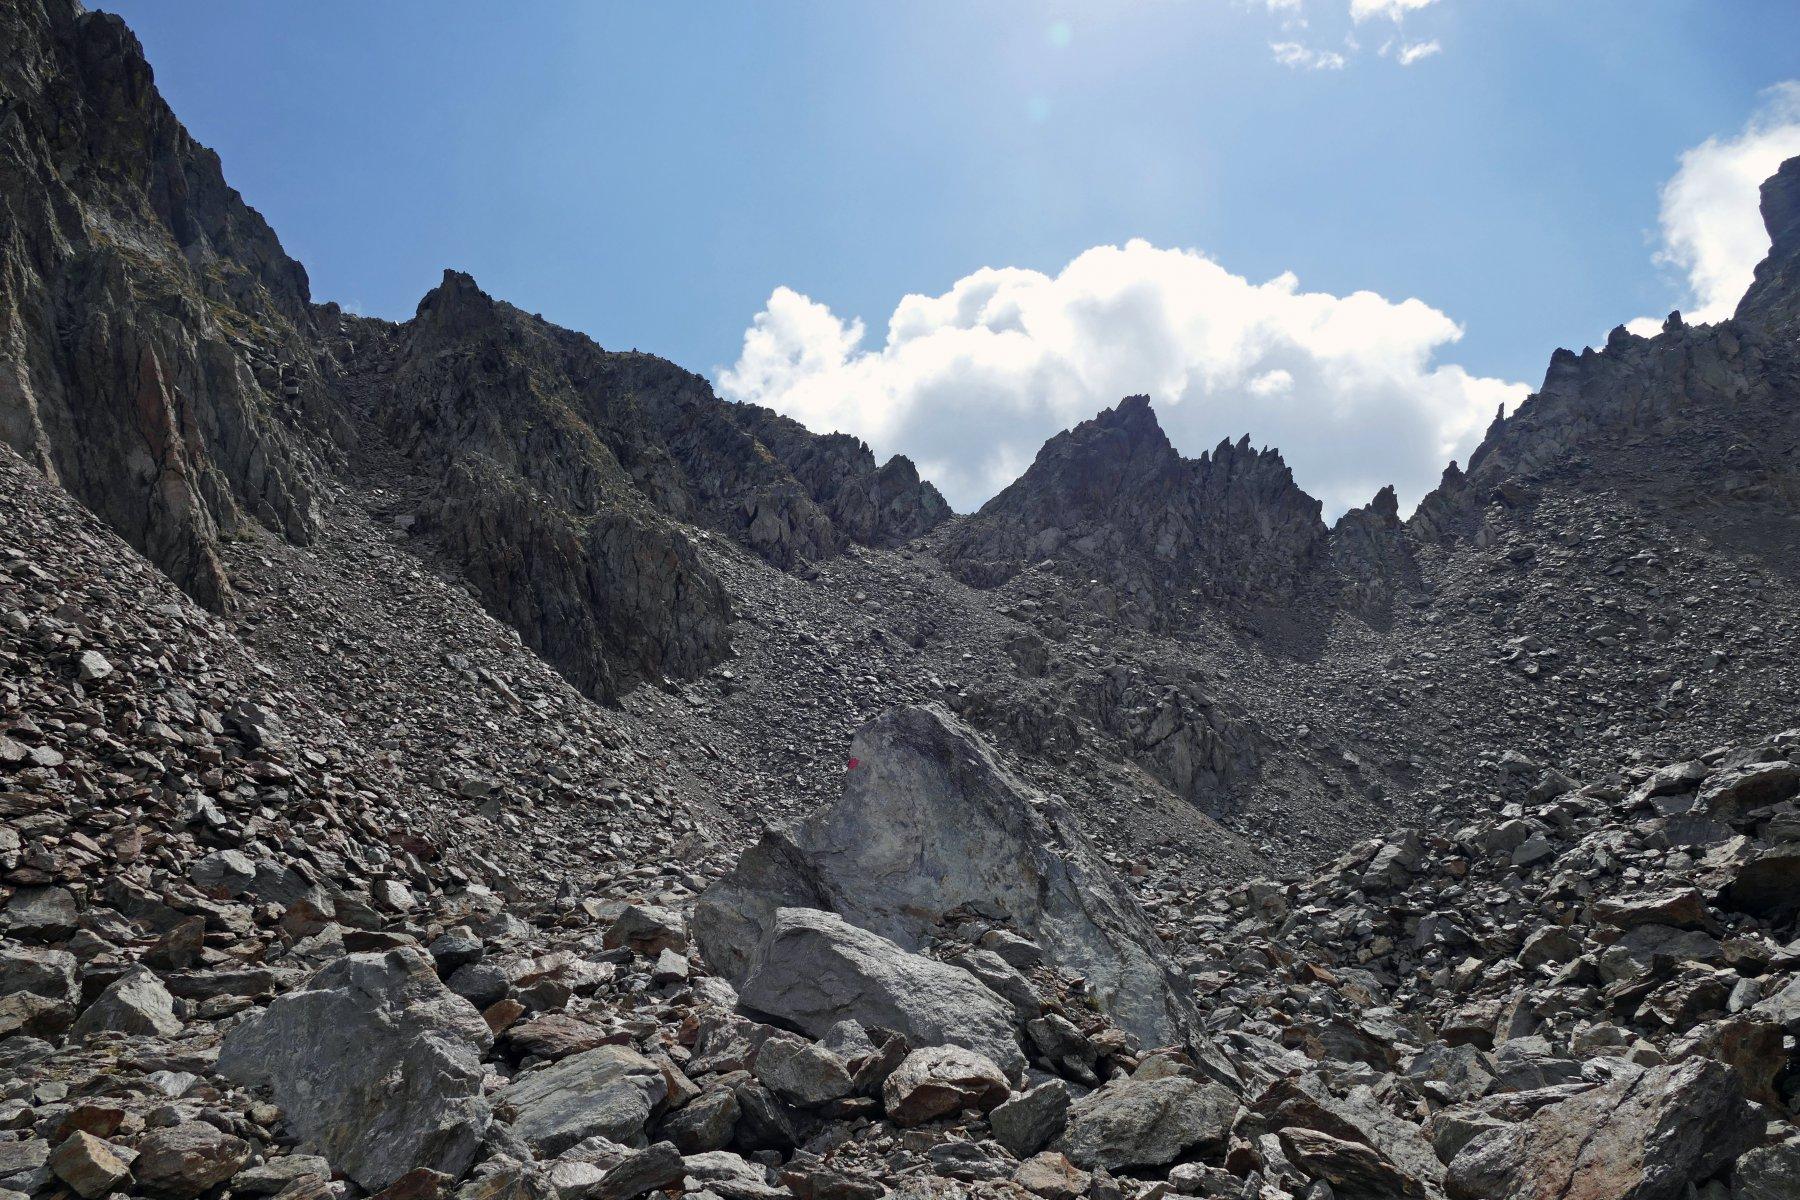 Ambiente verso il canale del Passo del Dente del Vallone, che è quello tutto a sinistra